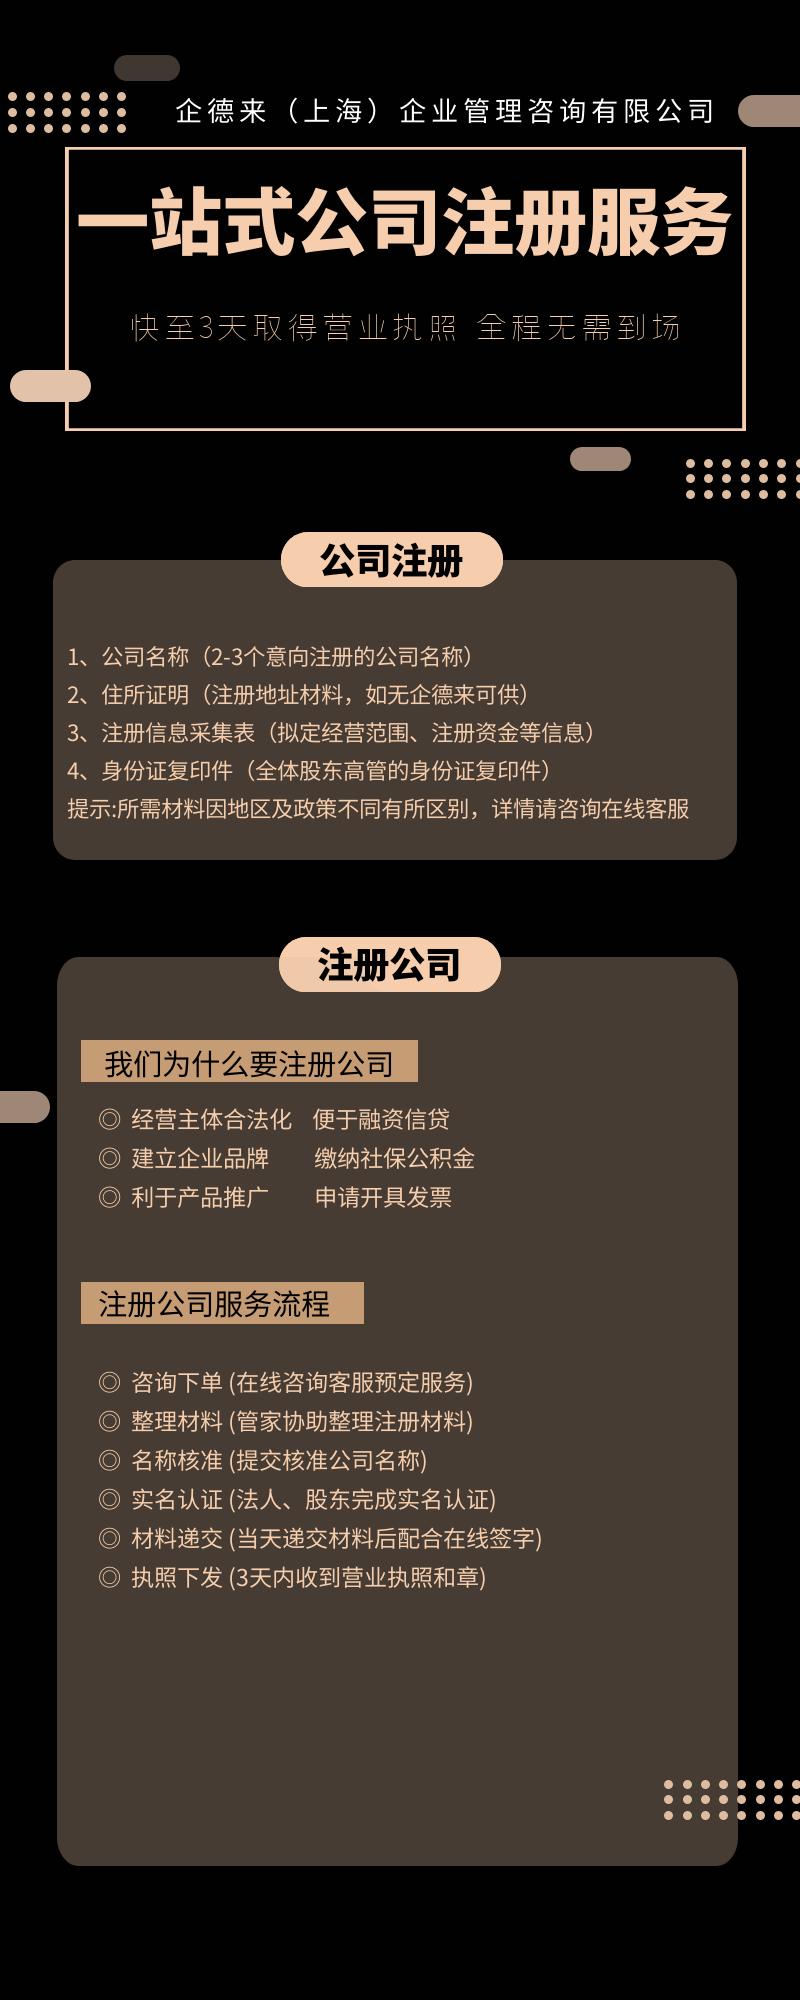 公司注册.png